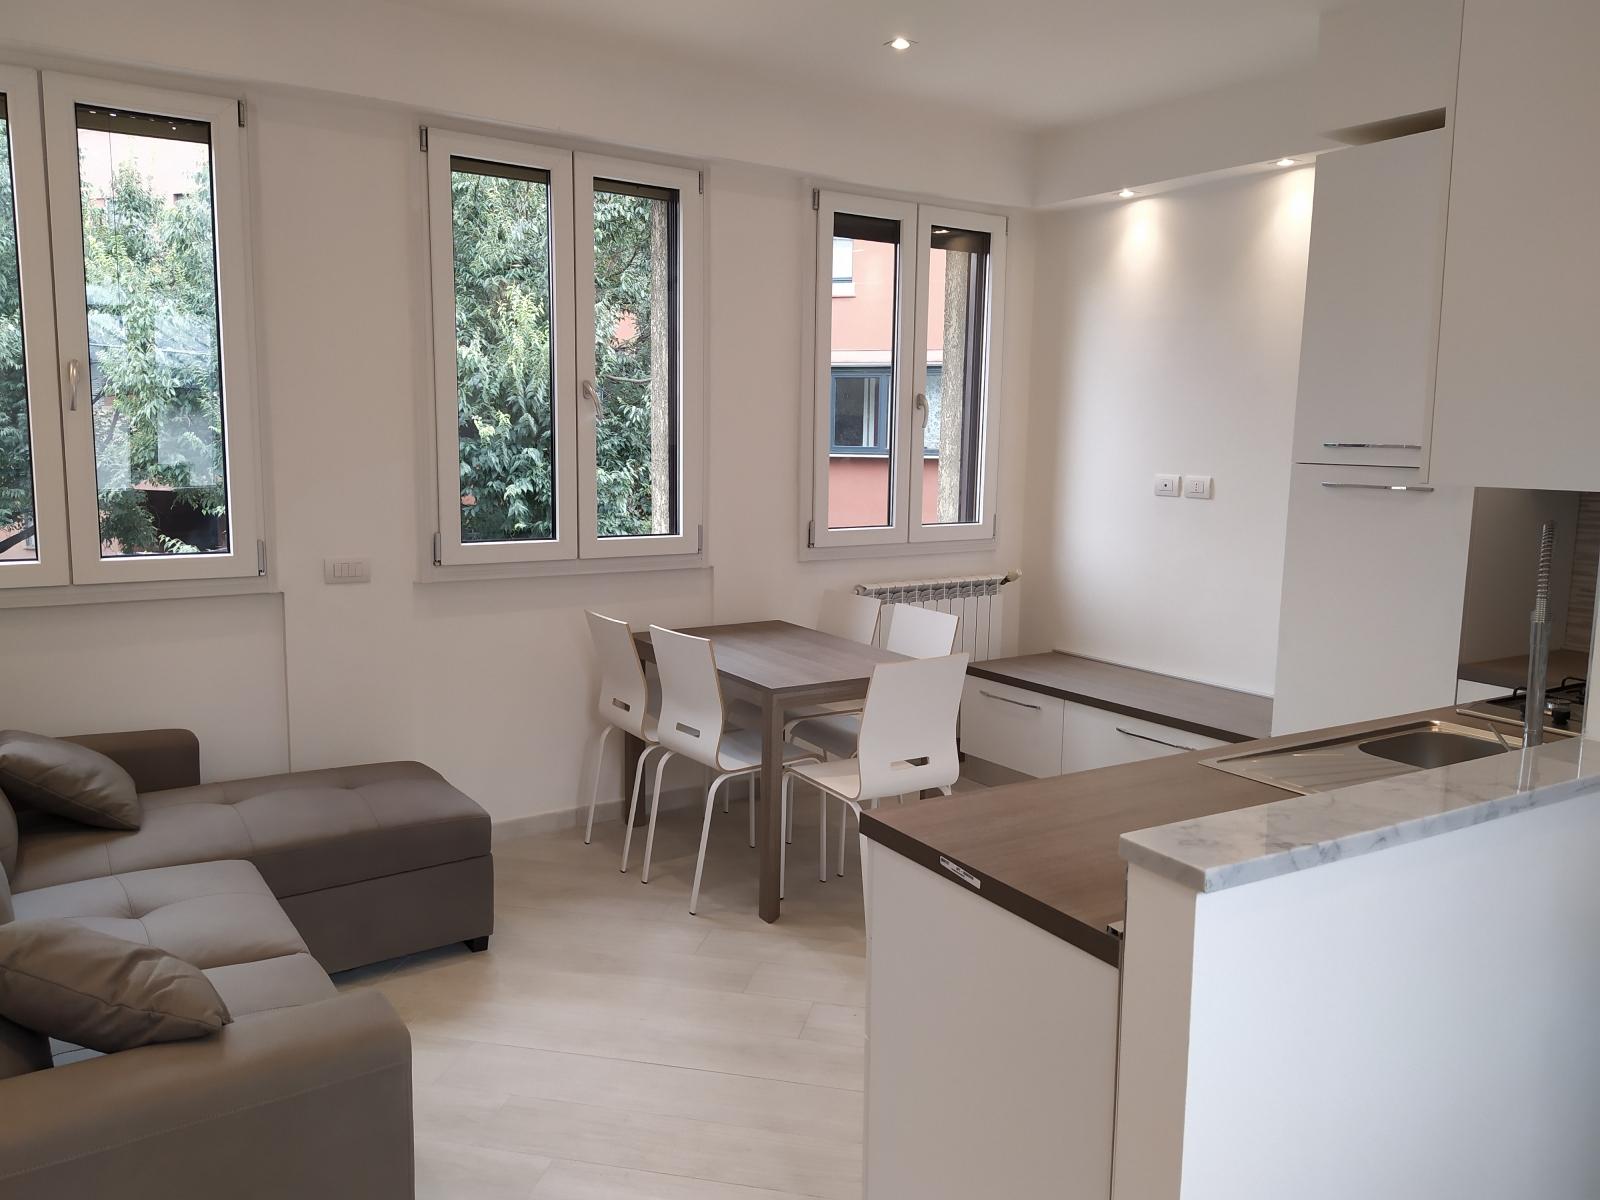 appartamento-in-vendita-milano-bovisa-piazza-dergano-3-locali-con-terrazzo-spaziourbano-immobiliare-vende-1